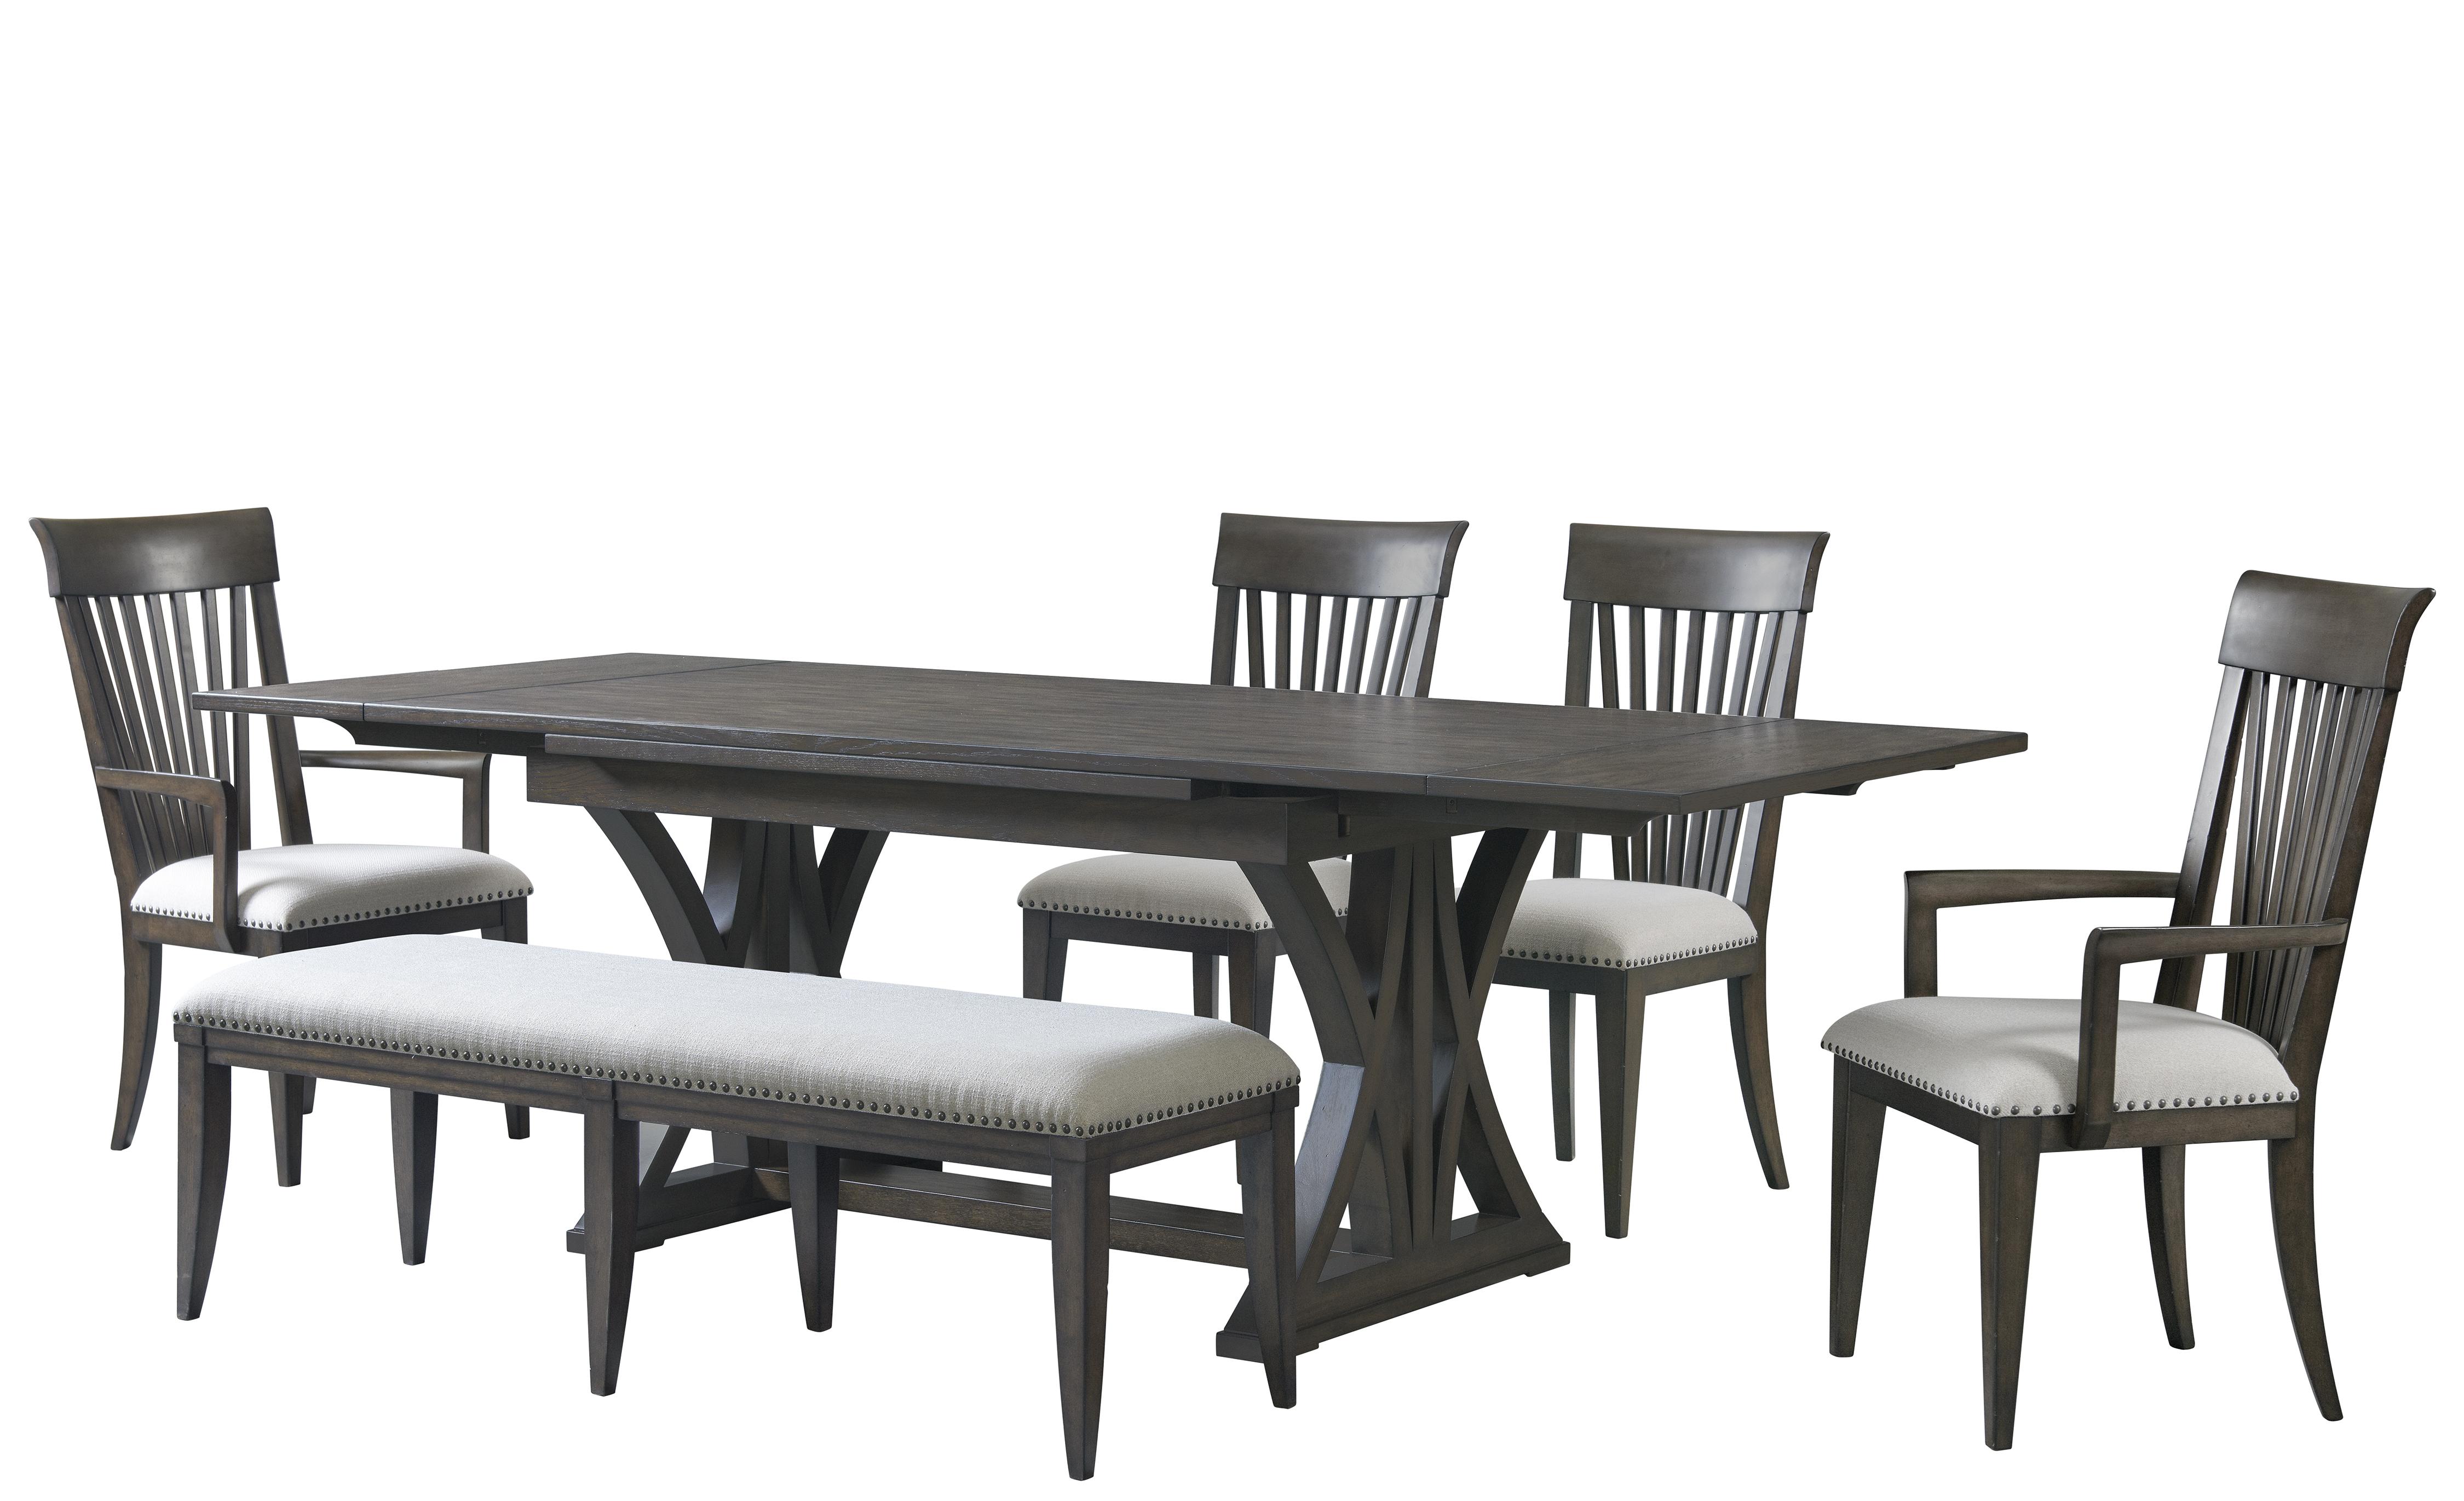 Forsyth 6-Piece Dining Set by Riverside Furniture at Mueller Furniture